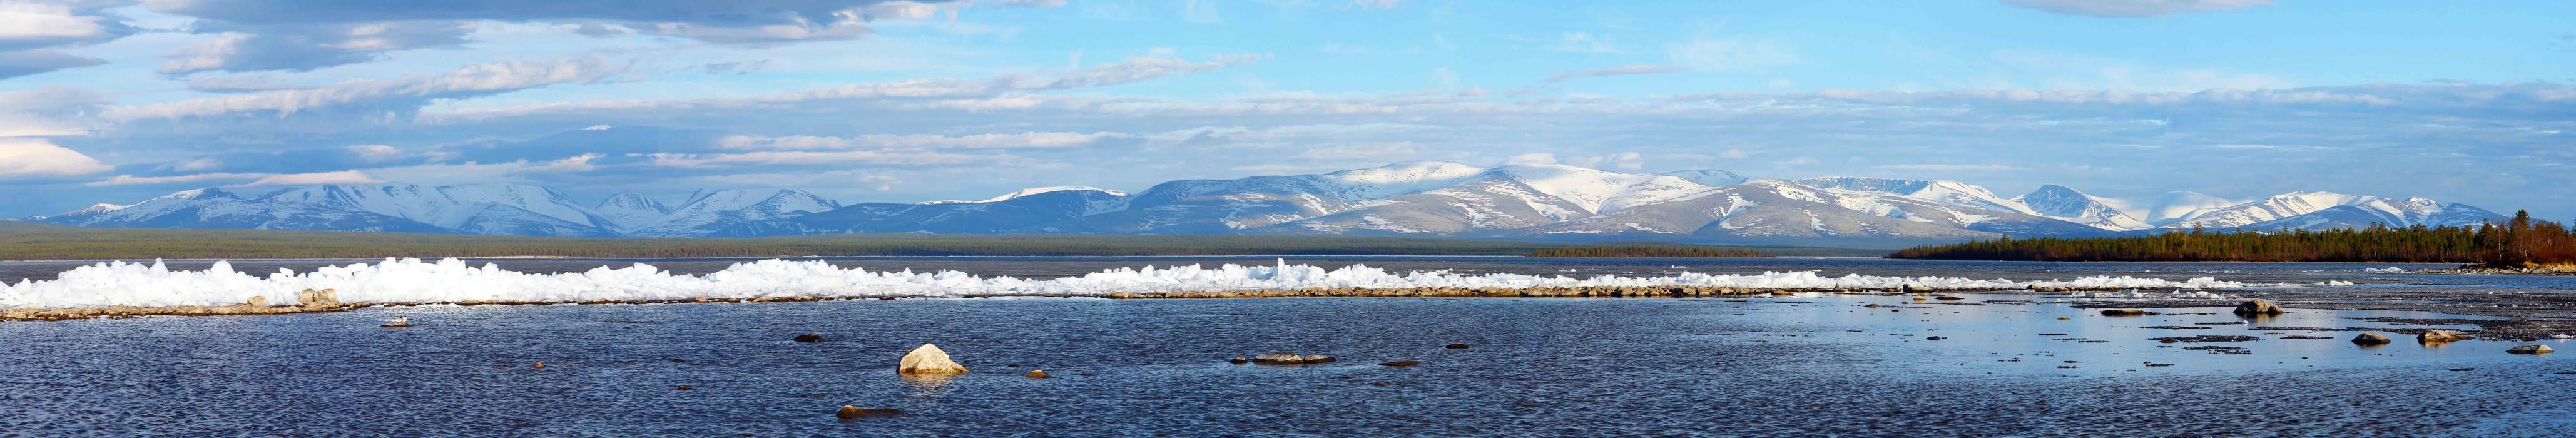 озеро Имандра (Россия, Кольский полуостров).